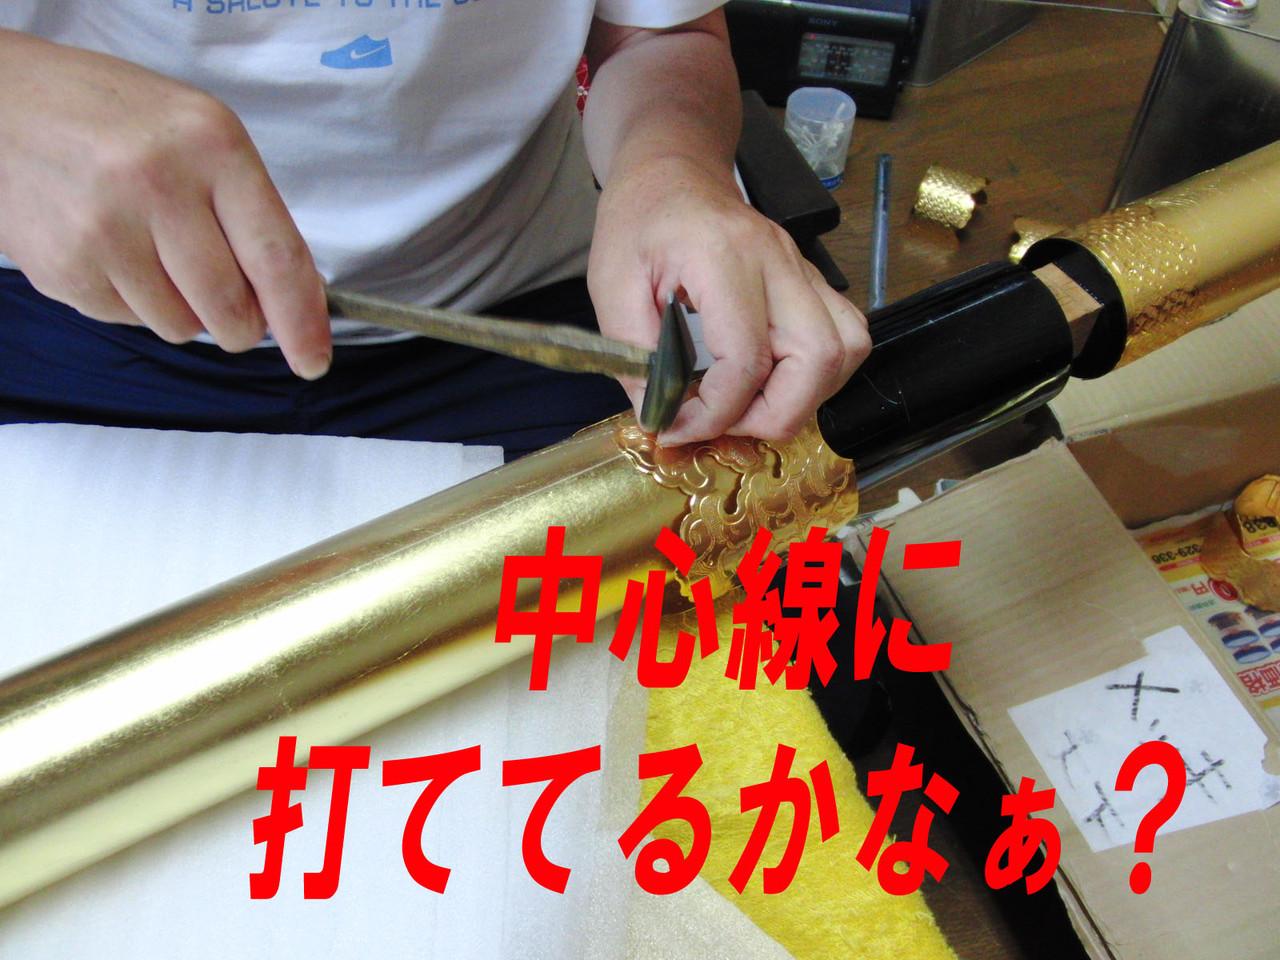 金箔を擦らさないように気を付け、採寸の位置を決める。